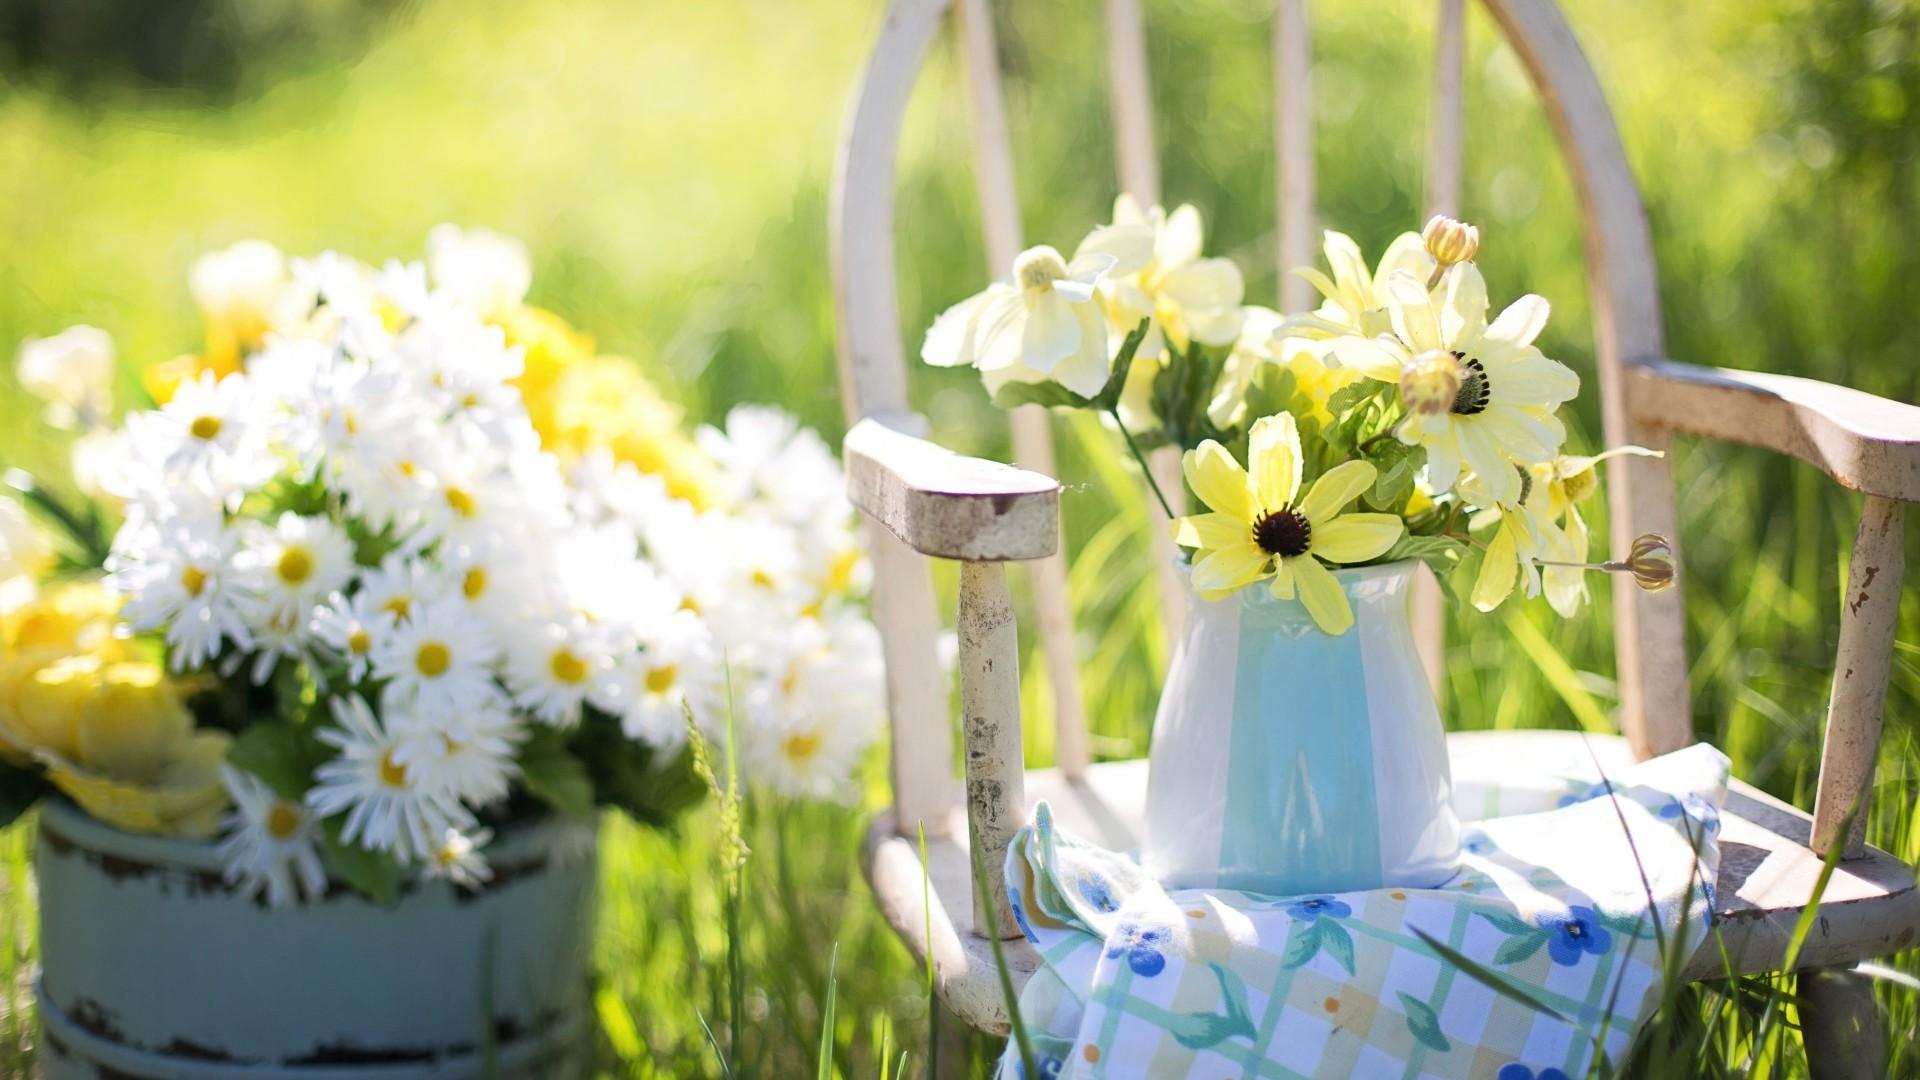 Wallpaper flowers, vase, summer